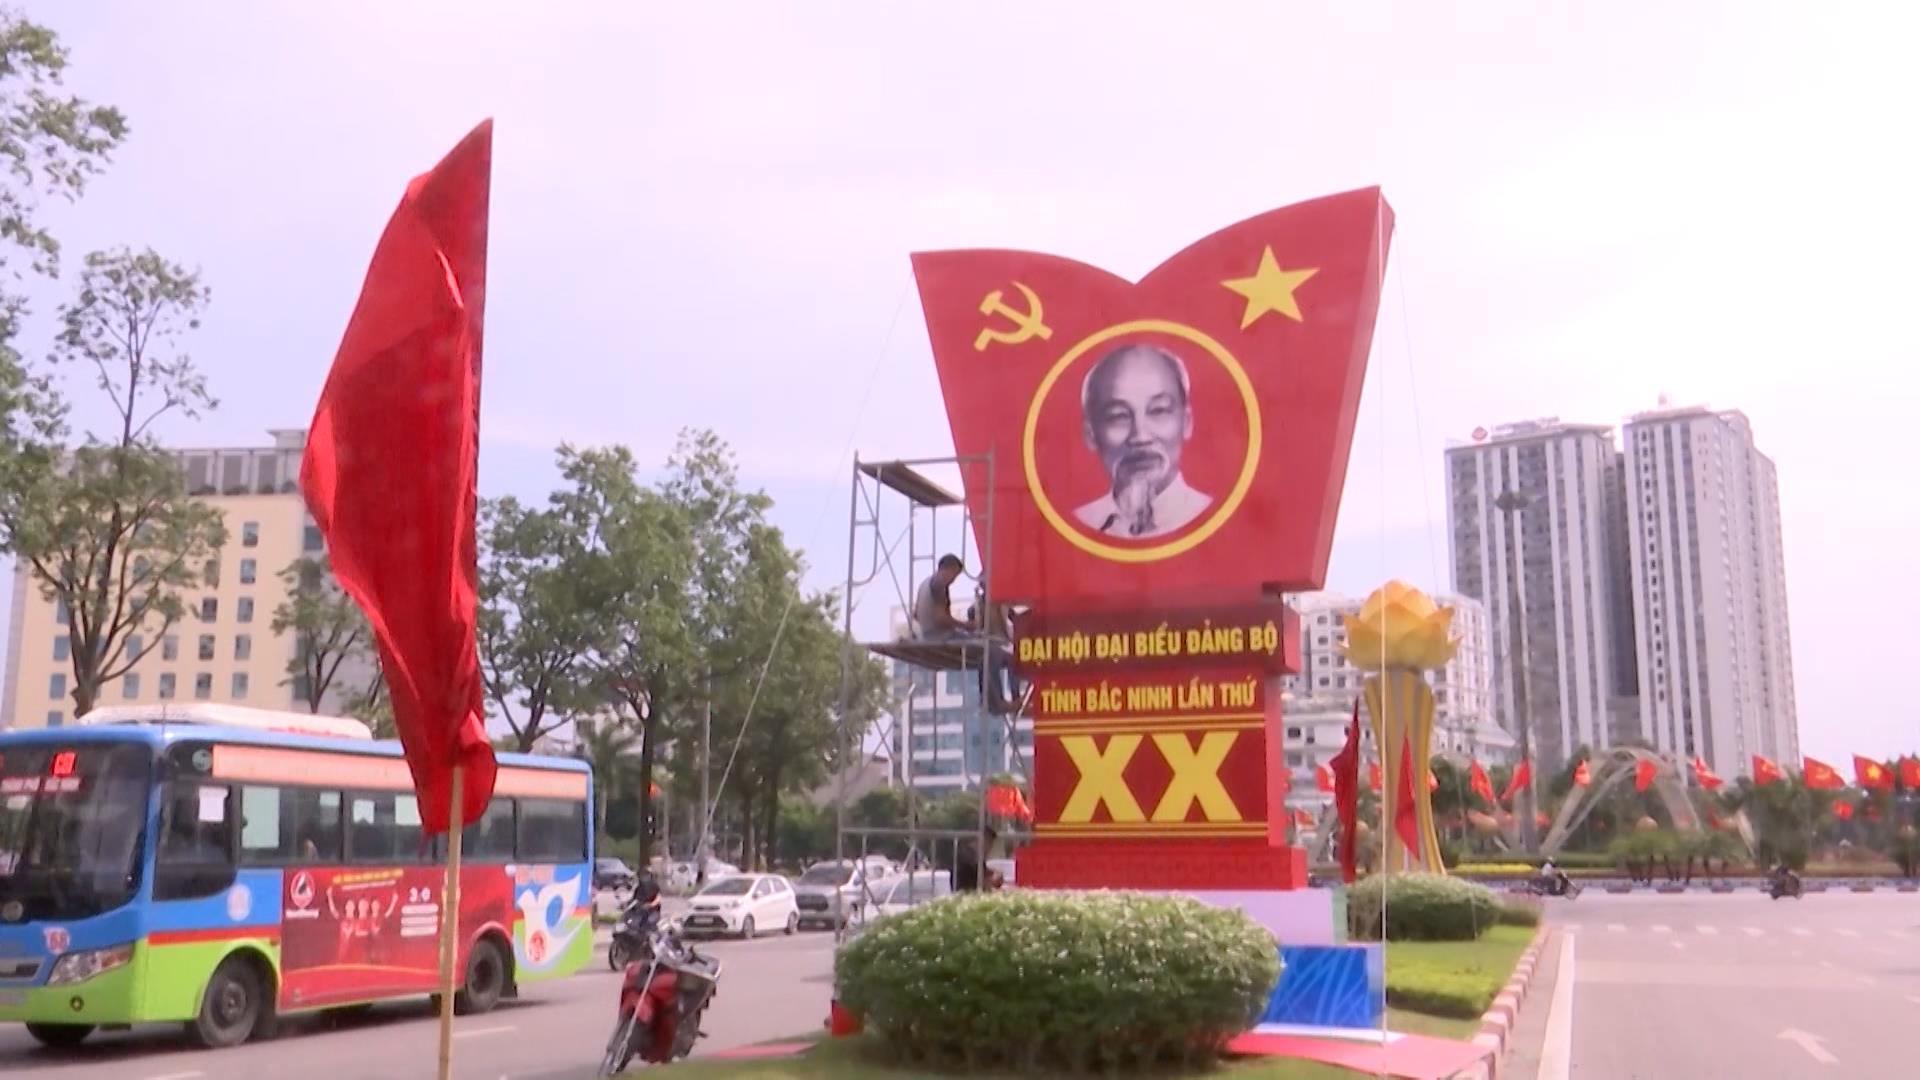 Công tác chuẩn bị Đại hội đại biểu Đảng bộ tỉnh lần thứ XX nhiệm kỳ 2020 - 2025